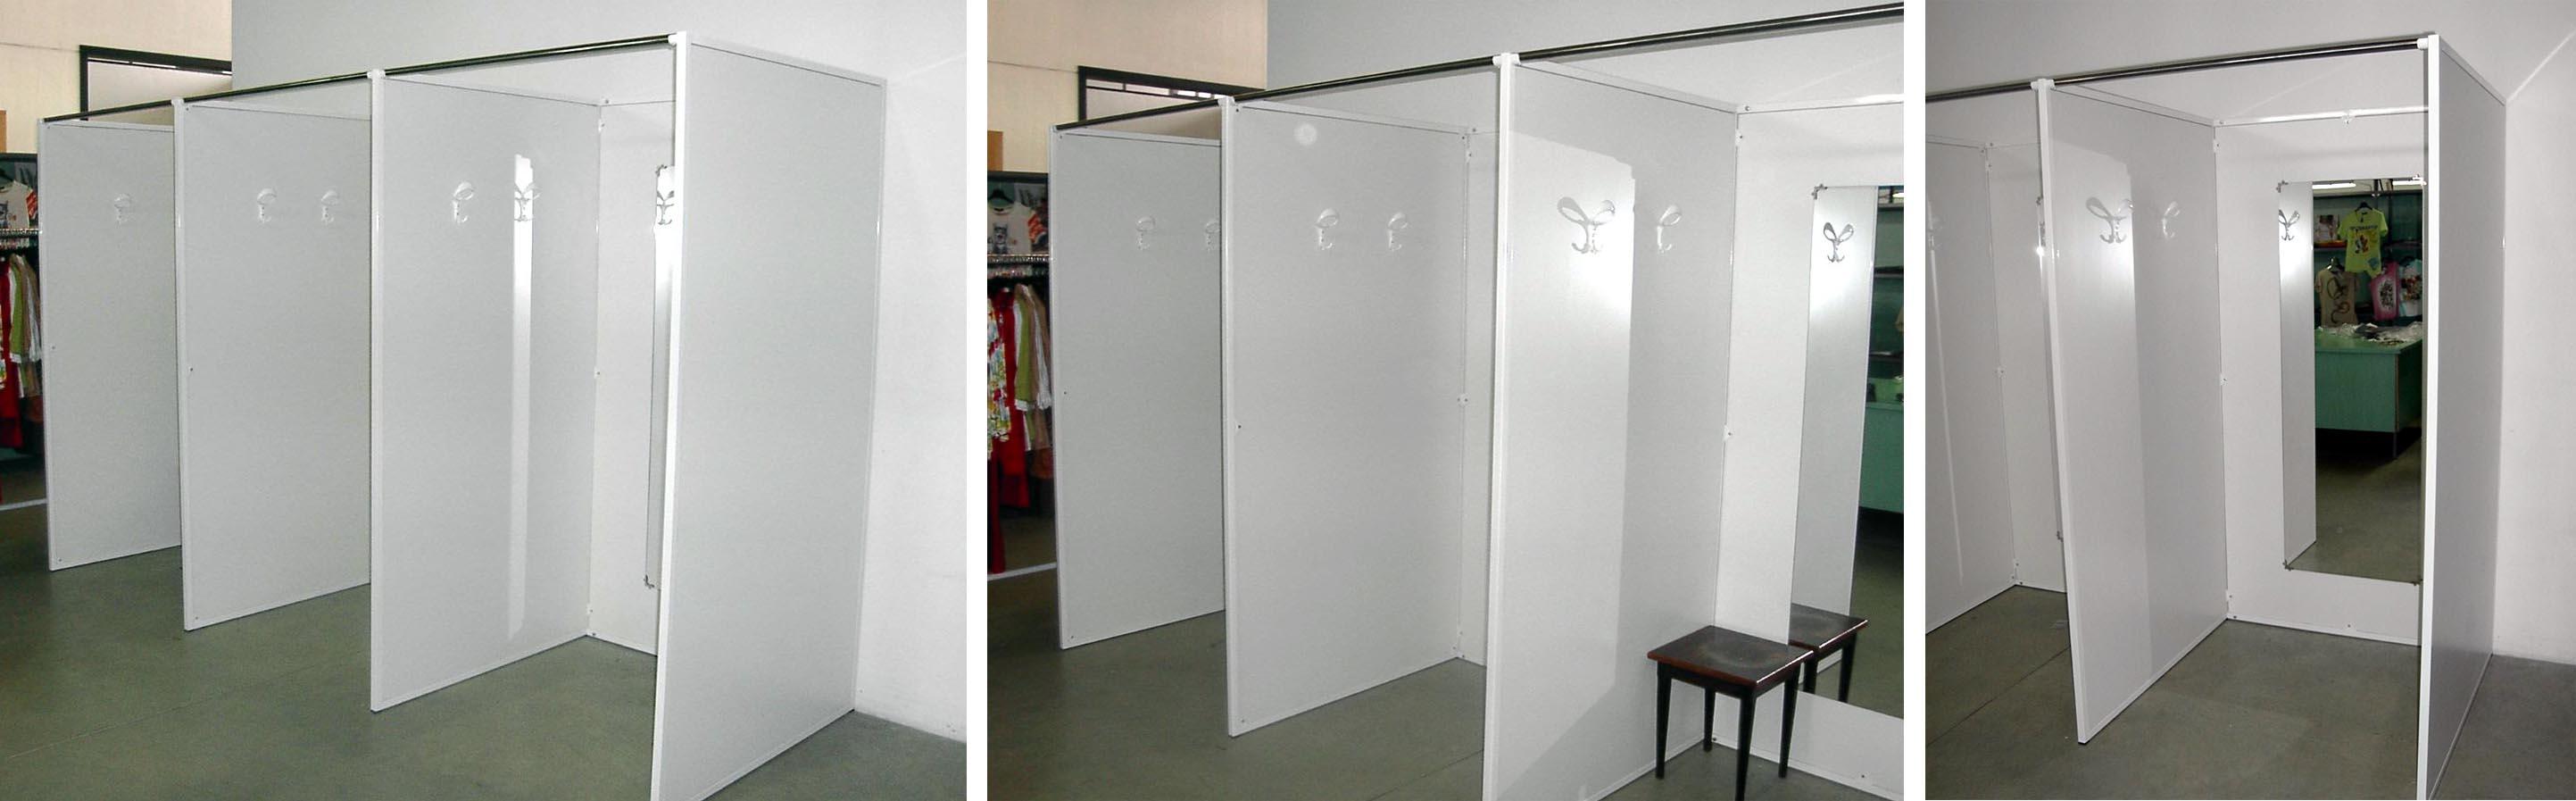 Negozio arredamento design online una fonte di for Arredamento design online